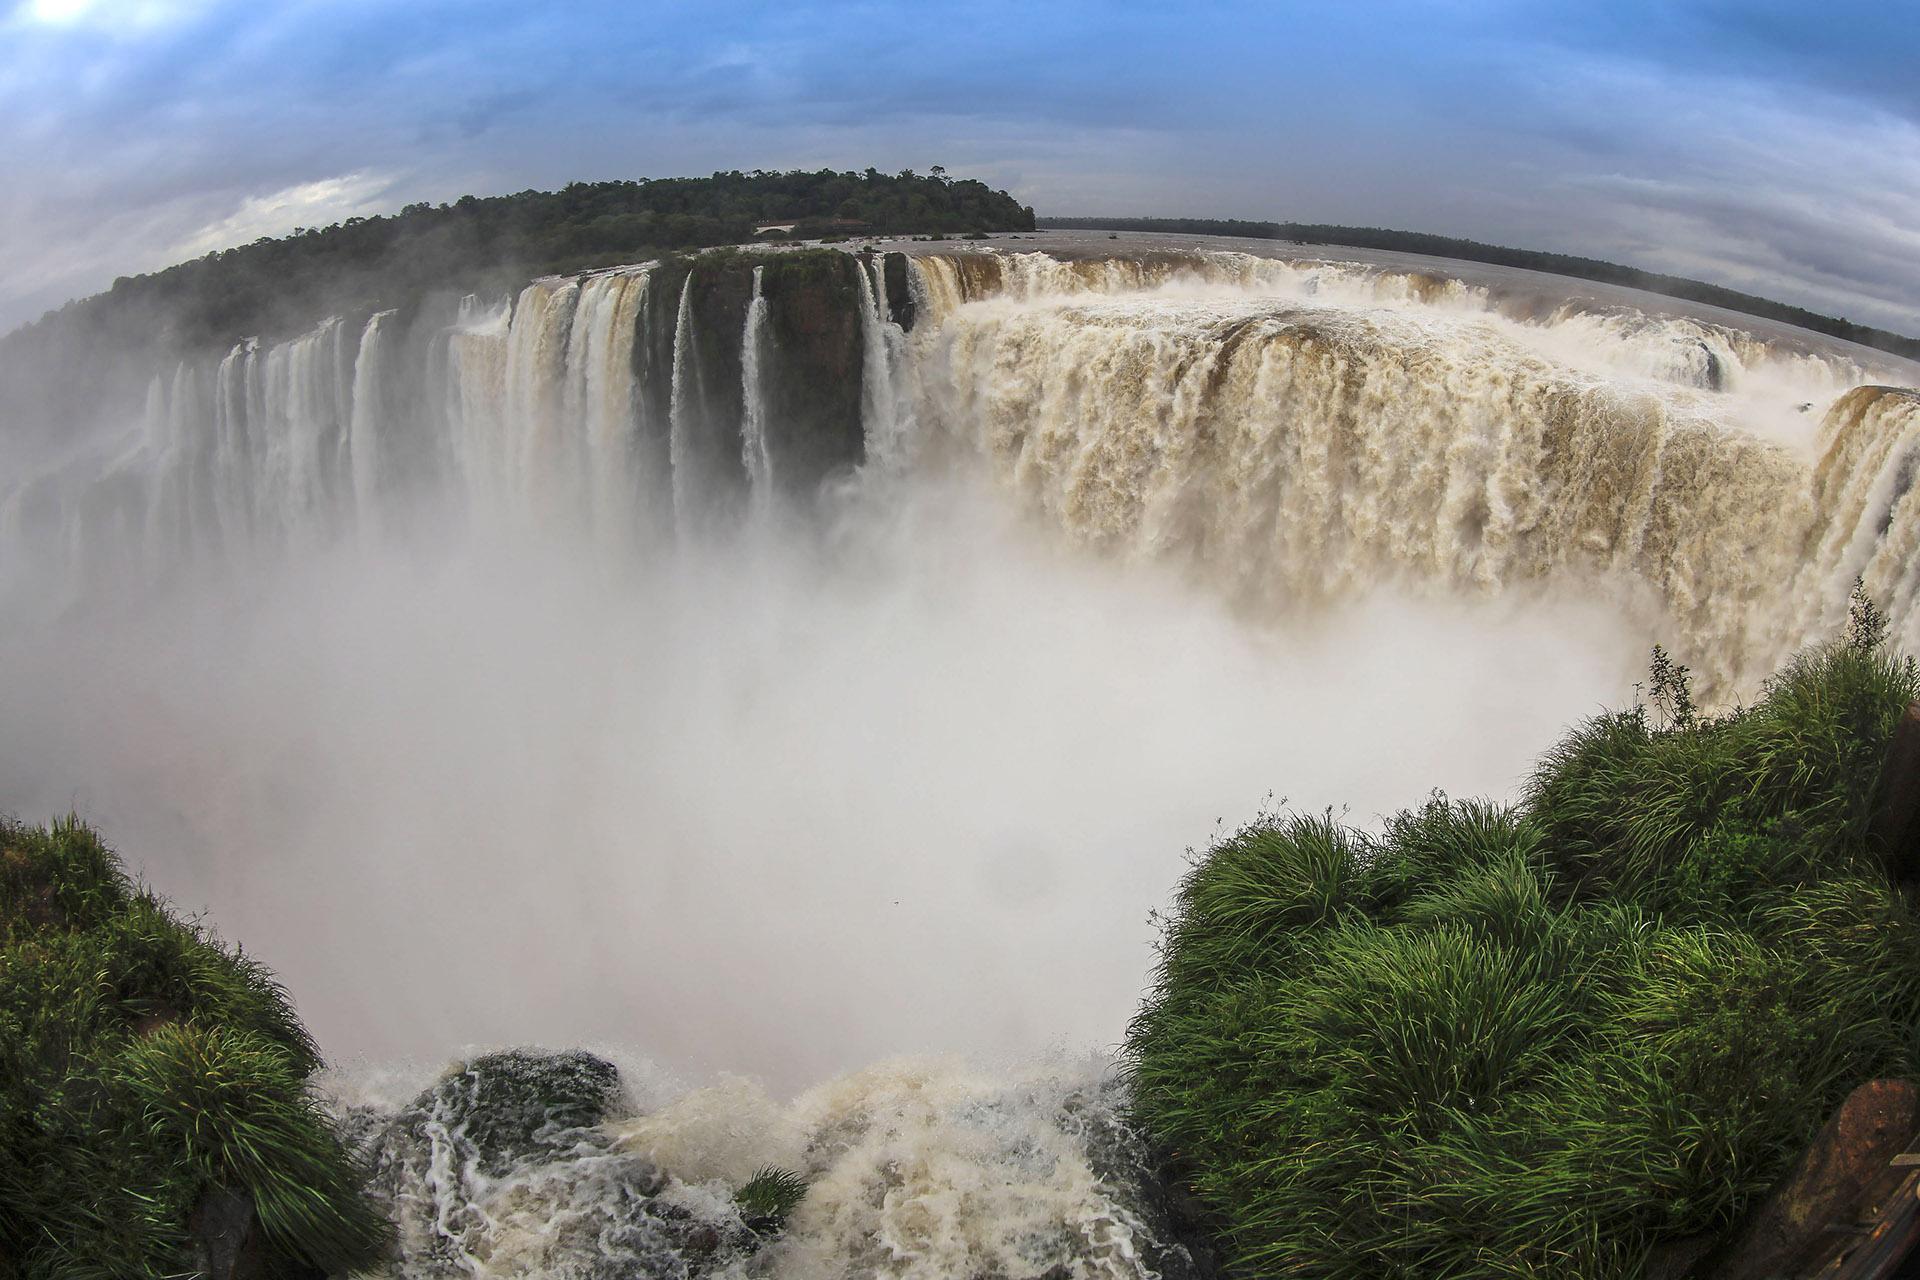 El escenario, imponente: 275 saltos de agua de hasta 80 metros de altura, senderos que se sumergen en la selva, vegetación y animales únicos fueron el telón de fondo. El Parque Nacional Iguazú fue declarado Patrimonio Natural Mundial por la Unesco y, según datos del Ministerio de Turismo, el año pasado superó el millón de visitantes